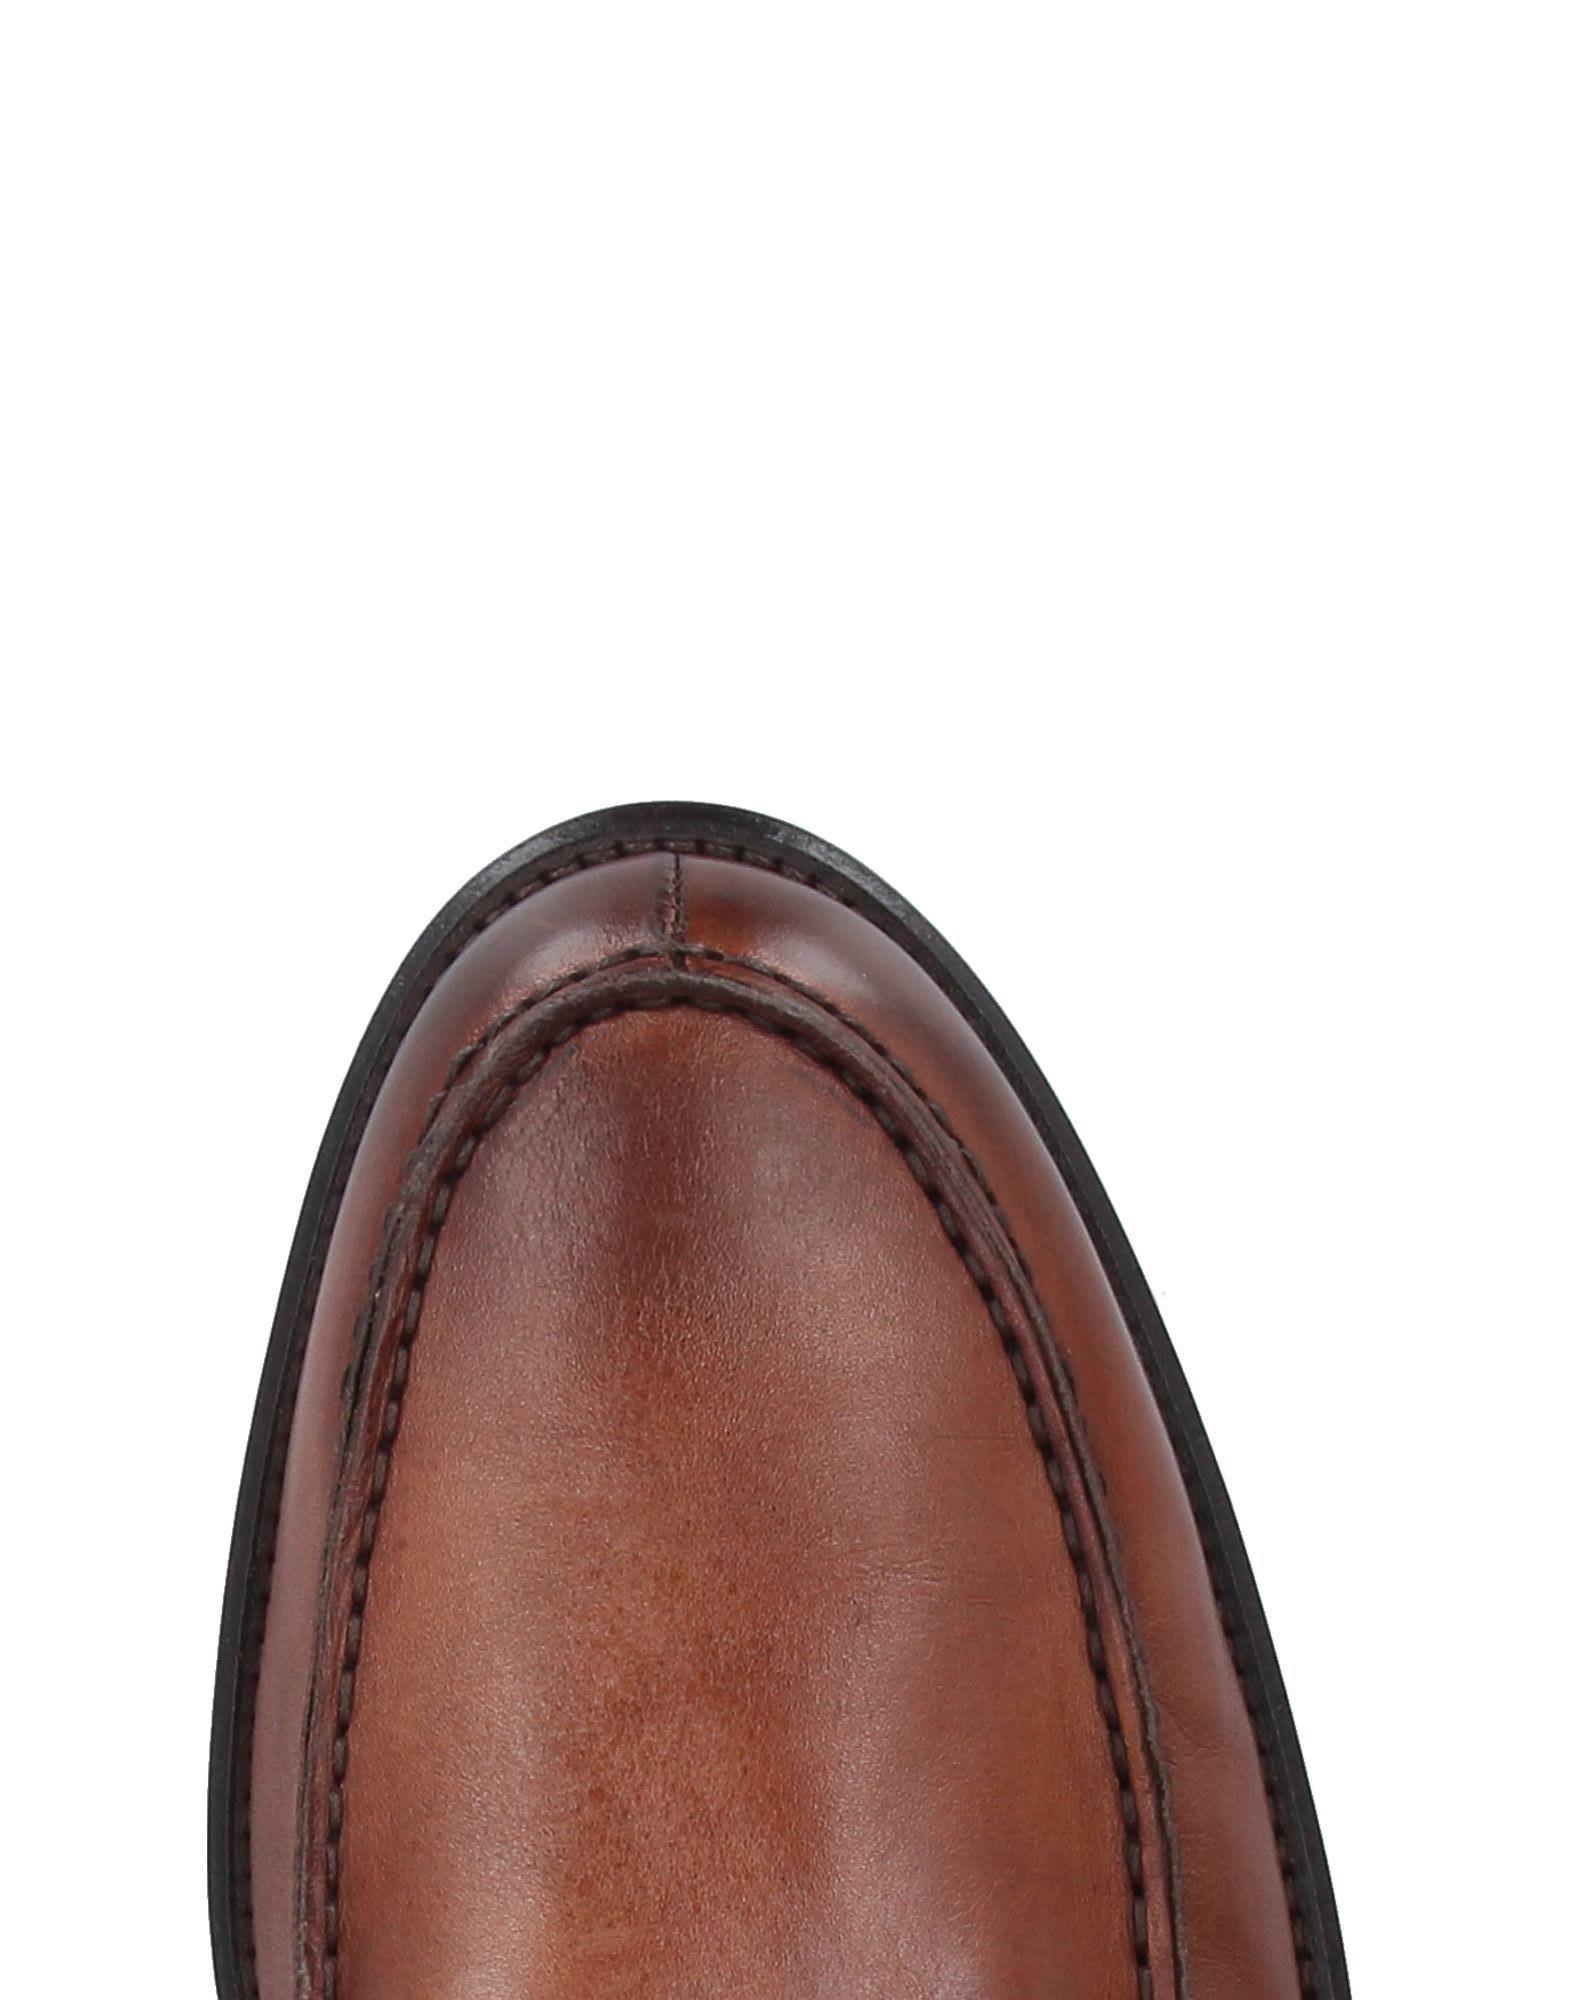 Brawn's Schuhe Mokassins Herren  11411621LV Heiße Schuhe Brawn's c4f17a